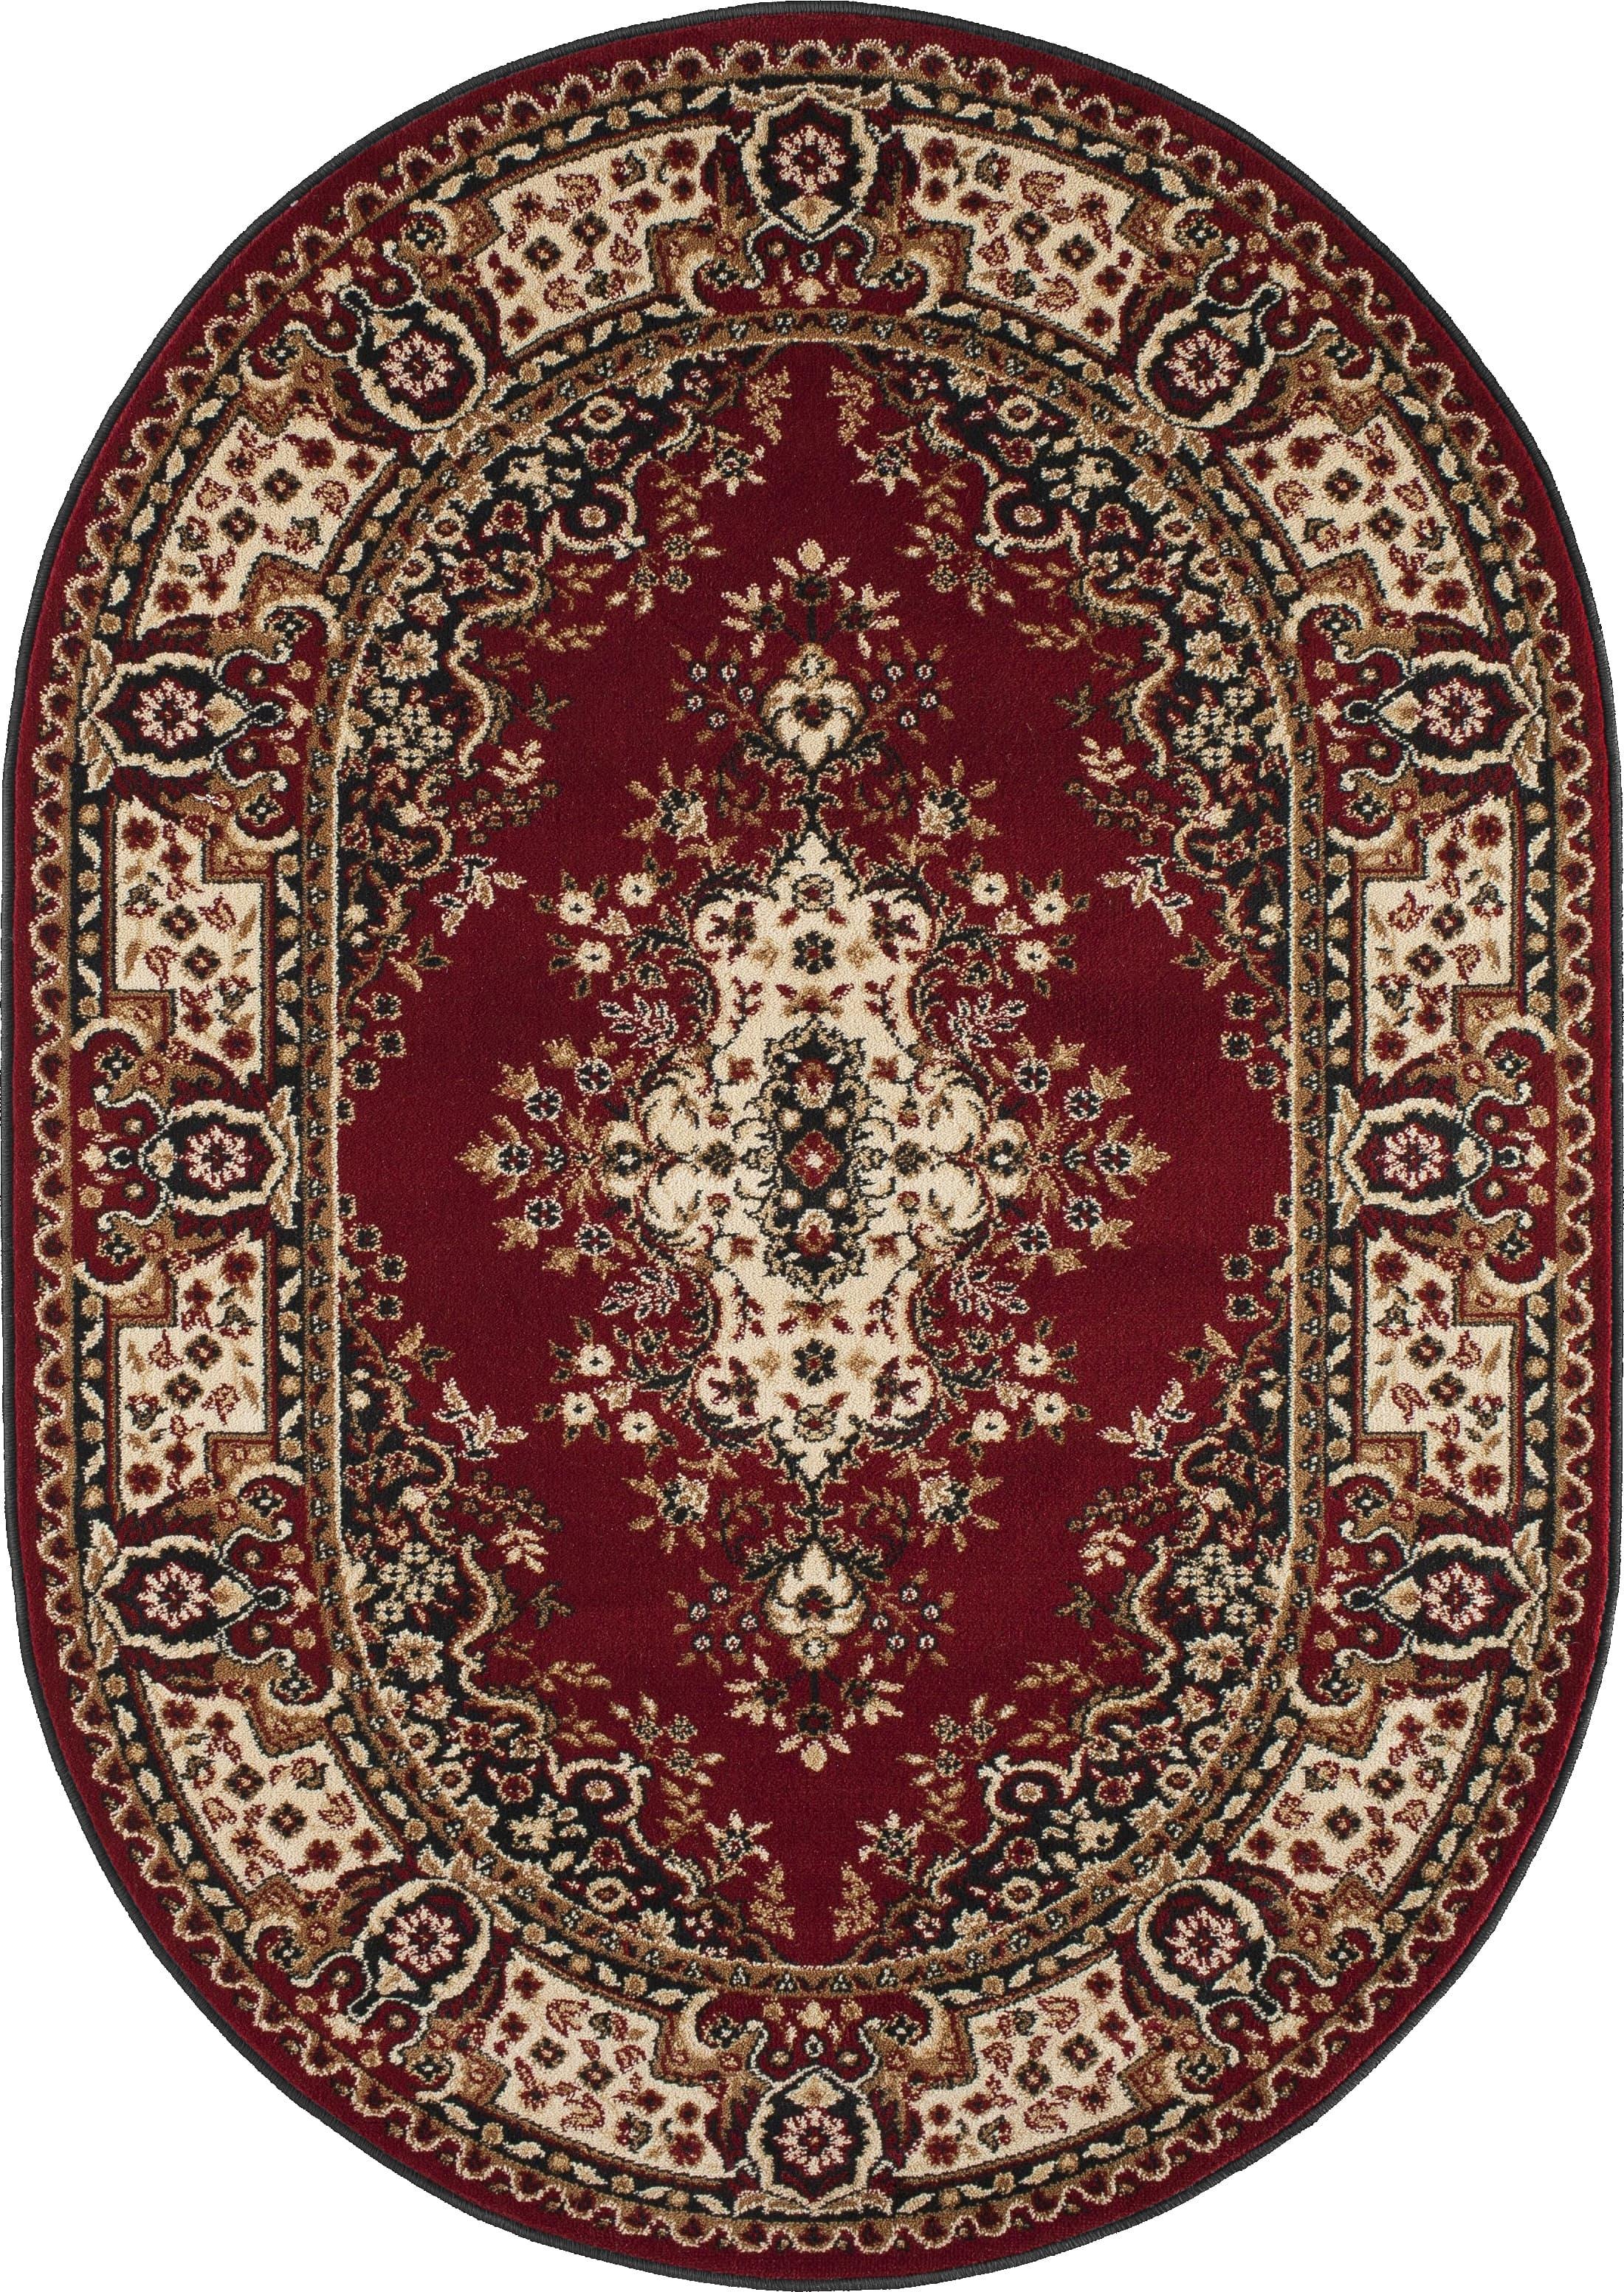 Covor Fatima Dark Red Oval, Wilton poza